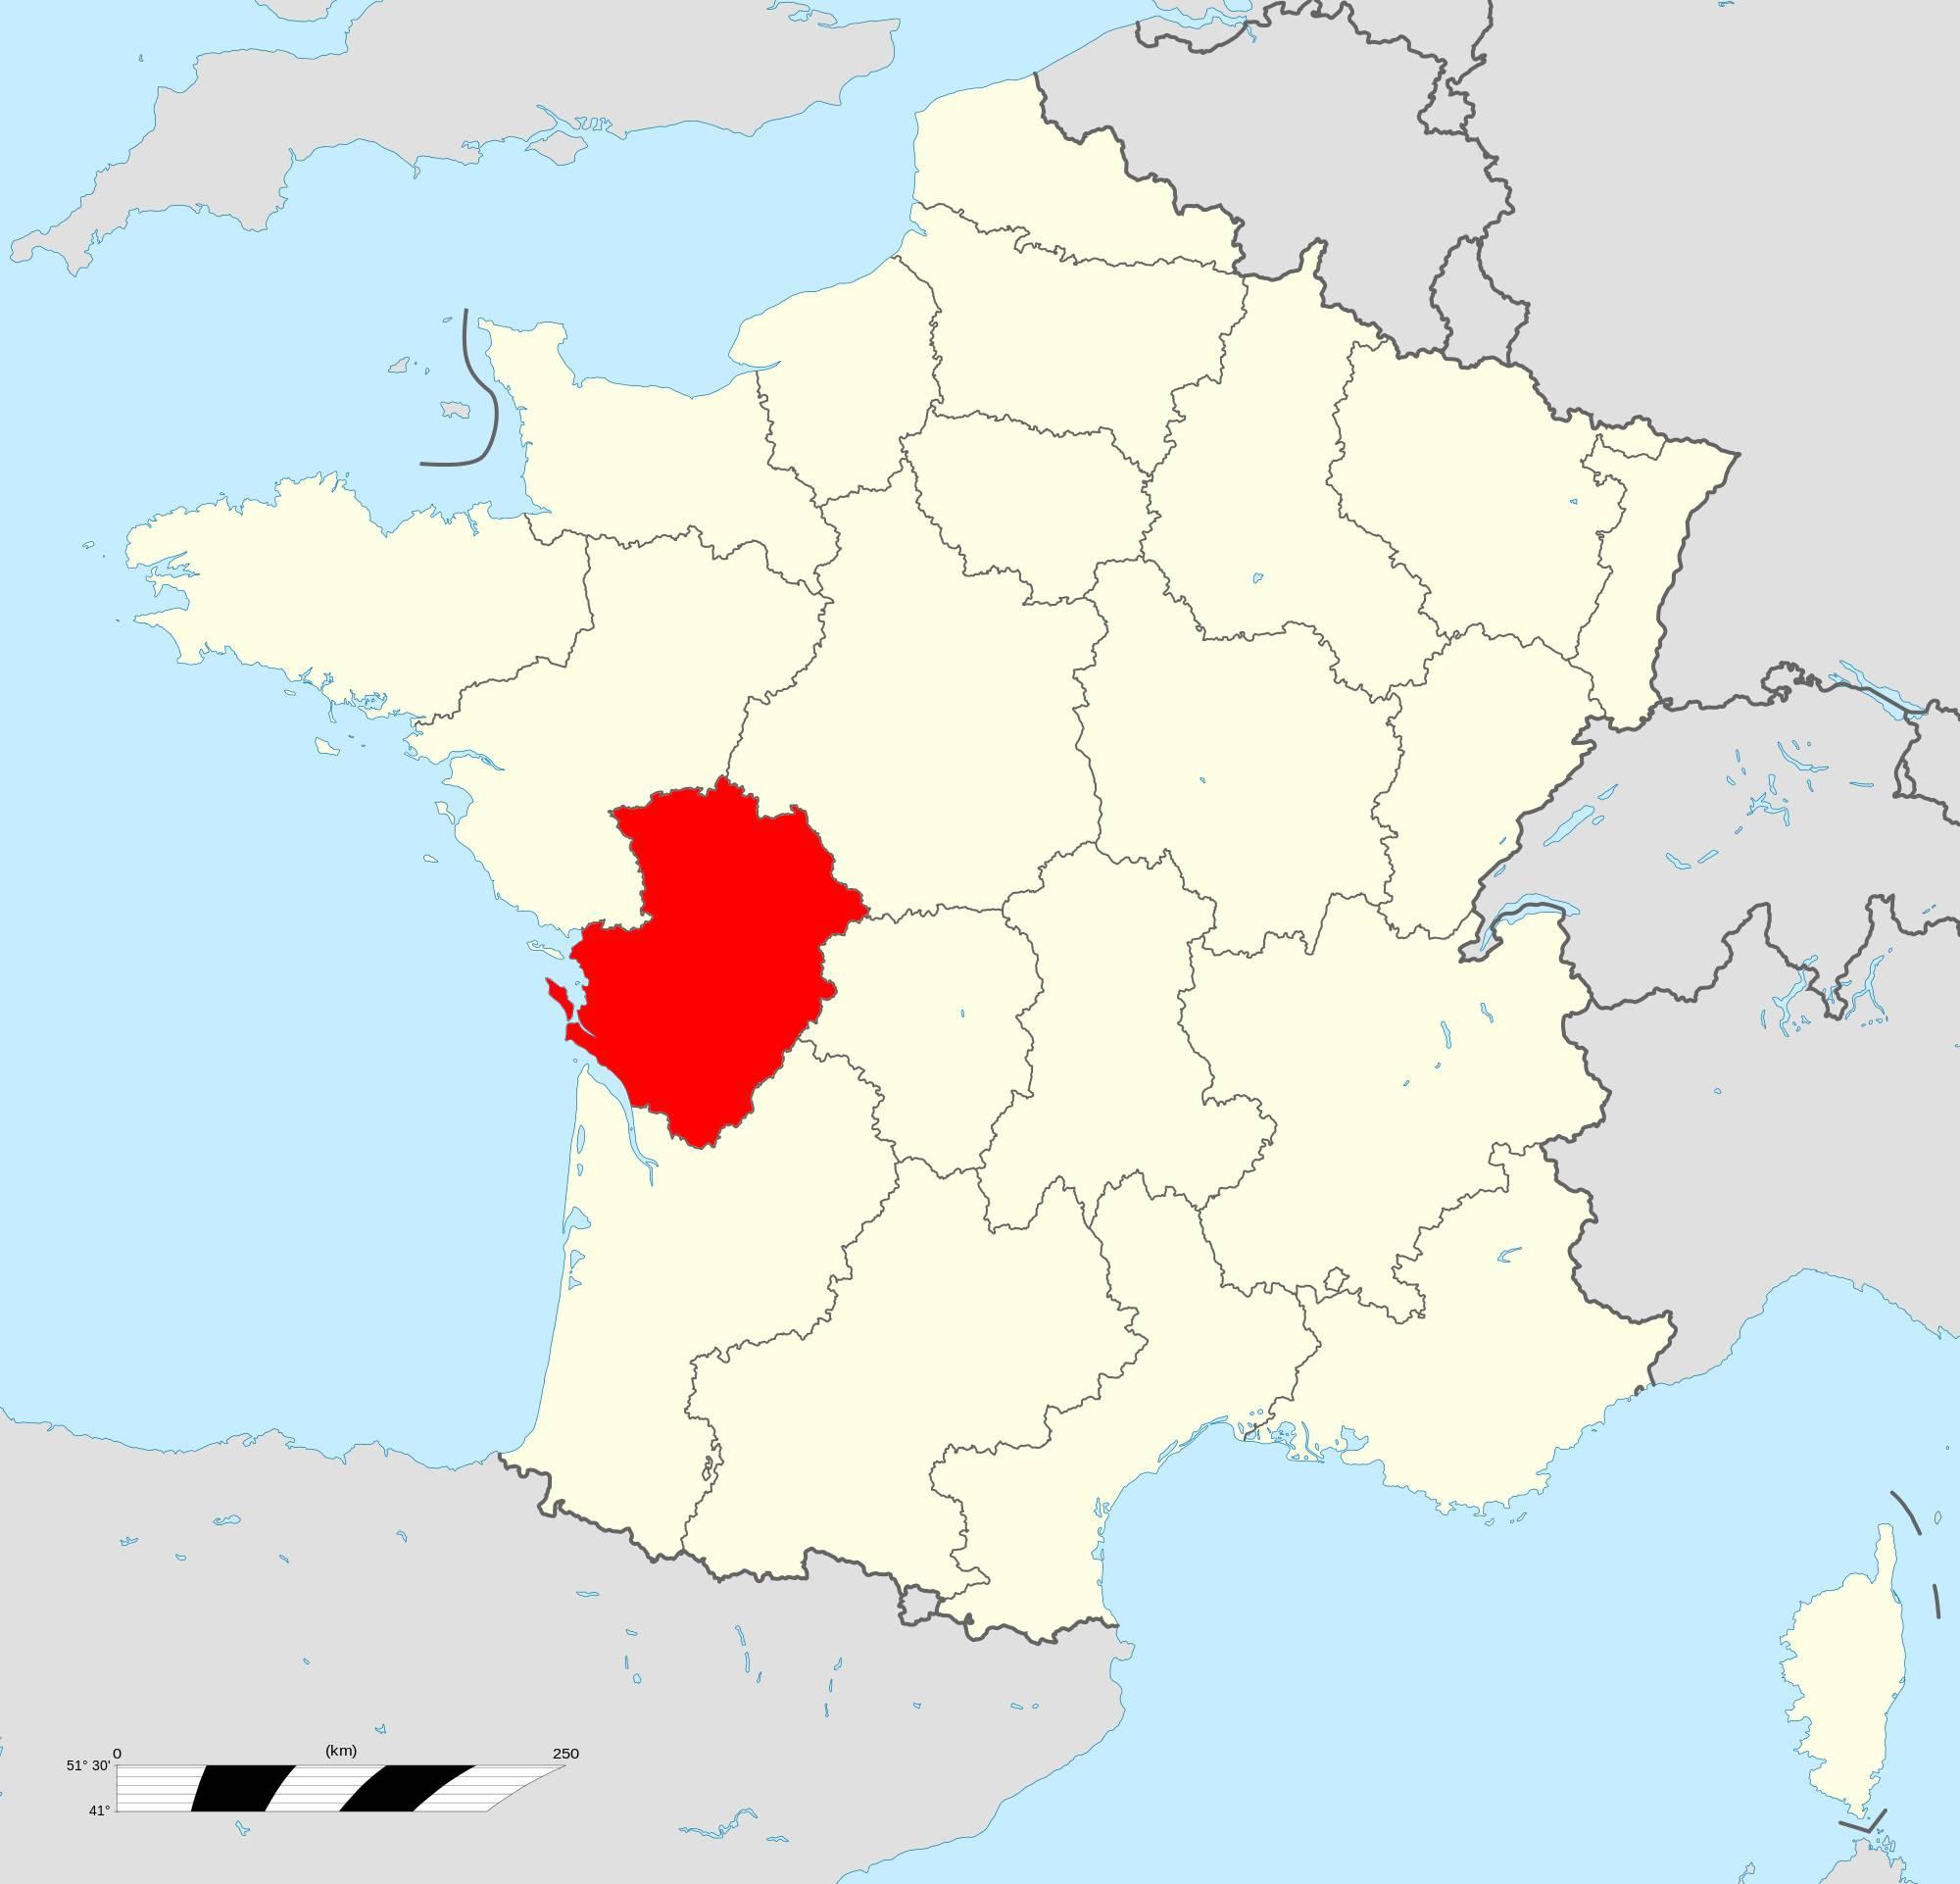 Où se trouve la région Poitou-Charentes